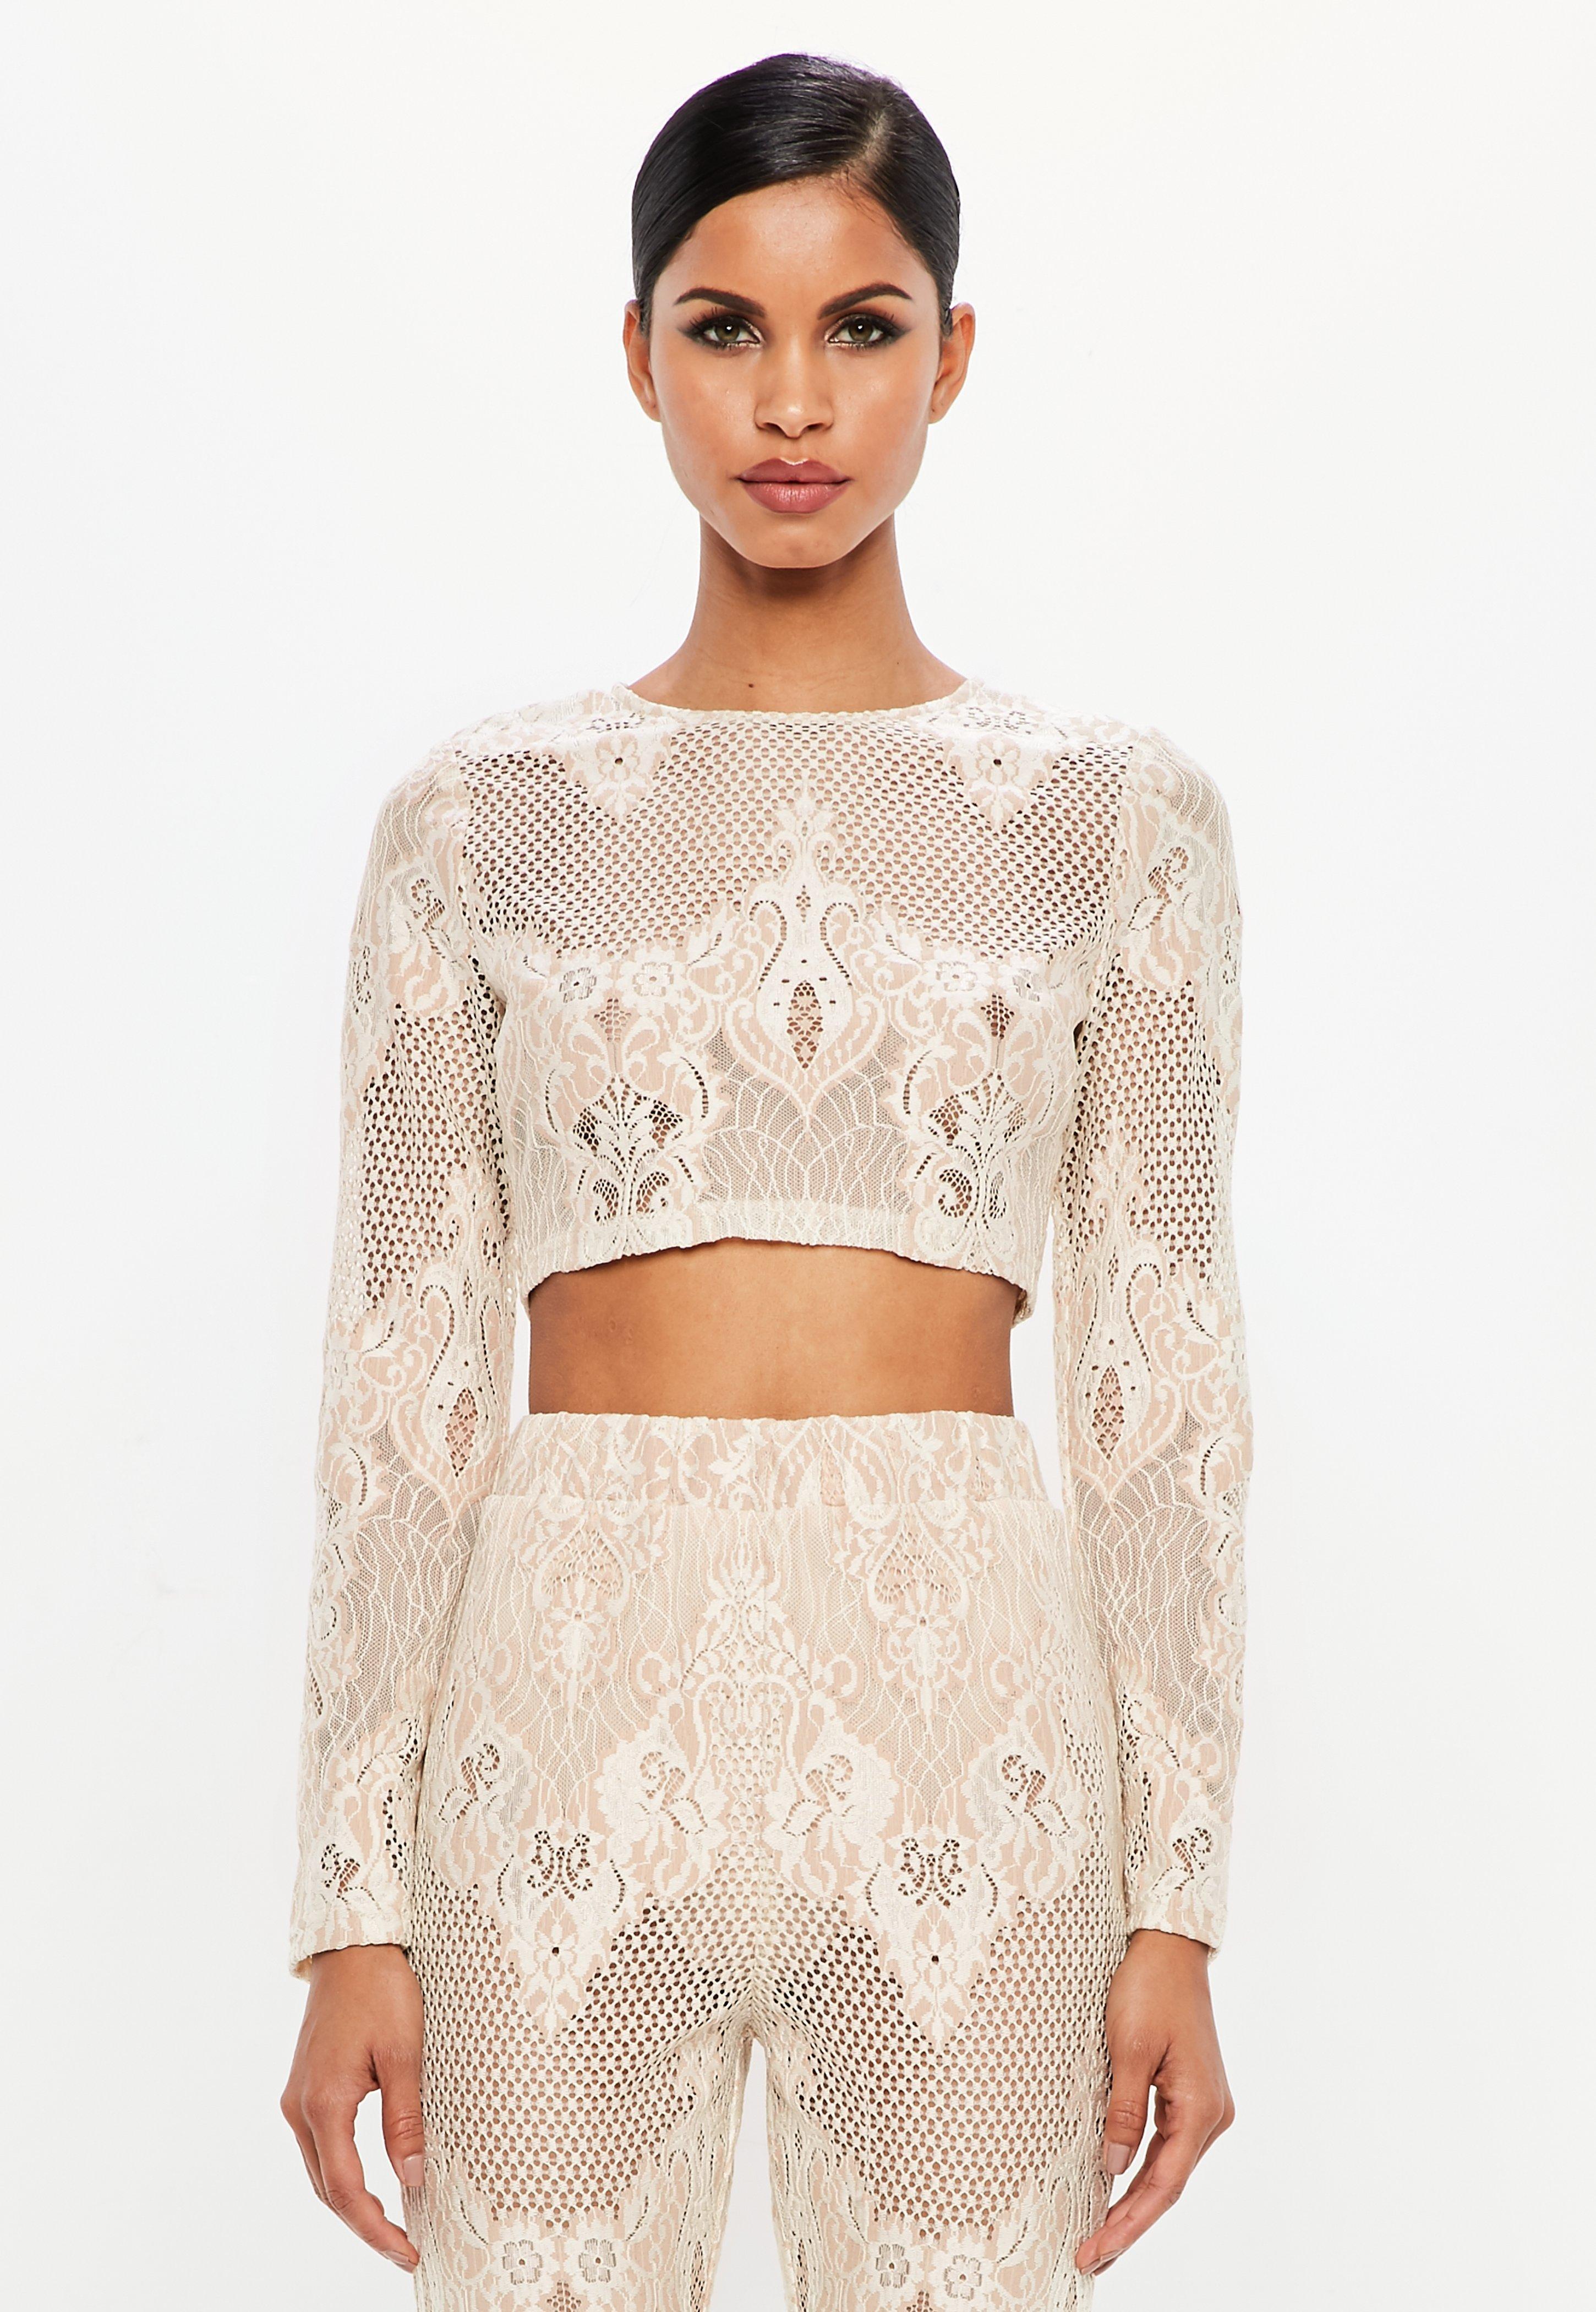 8f77f04de80 Peace + Love Nude Lace Long Sleeve Crop Top | Missguided Australia